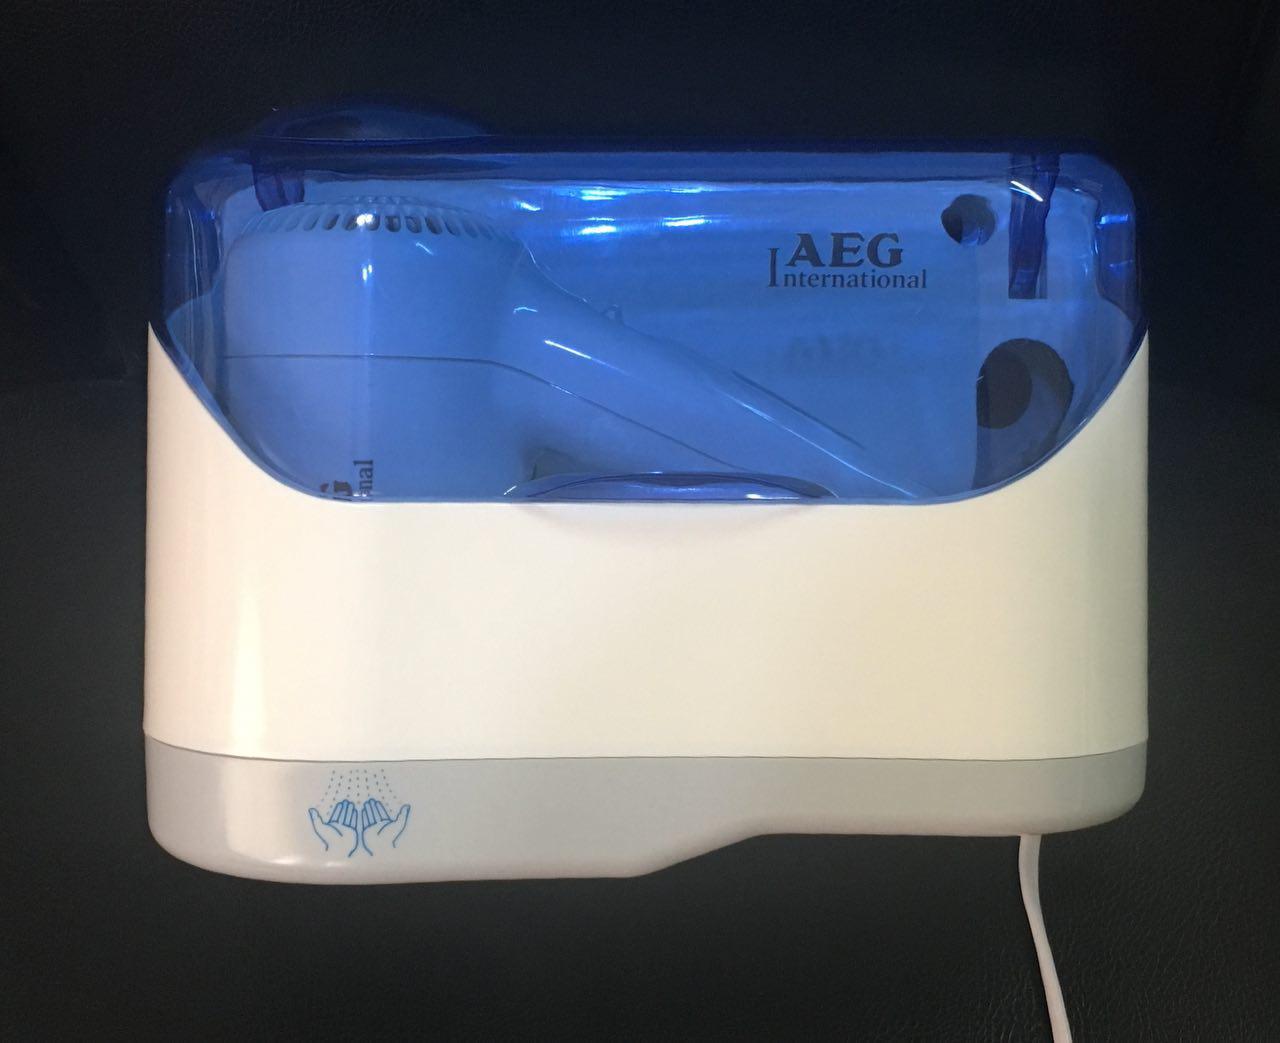 سشوار و دست خشک کن -آاگ AEG International